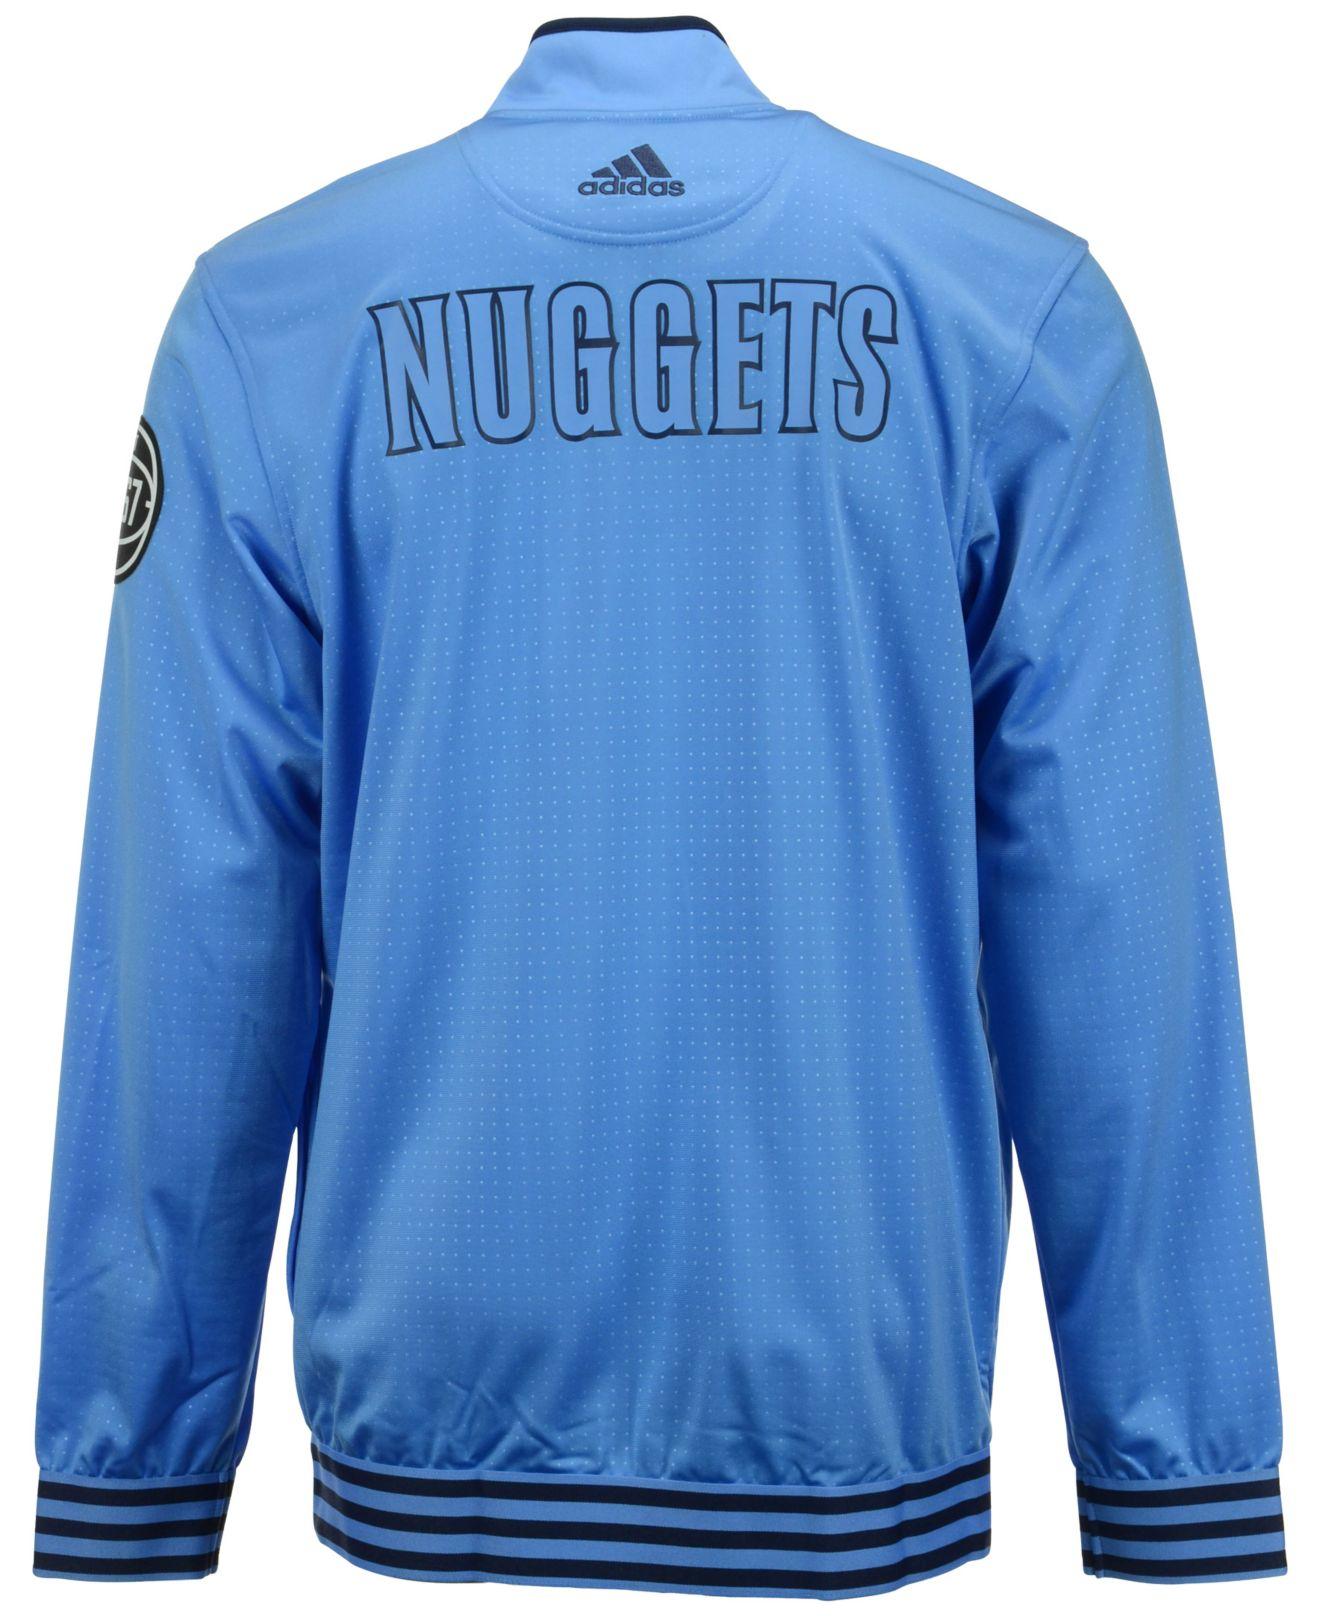 Denver Nuggets Jacket: Adidas Originals Men's Denver Nuggets On Court Warm Up